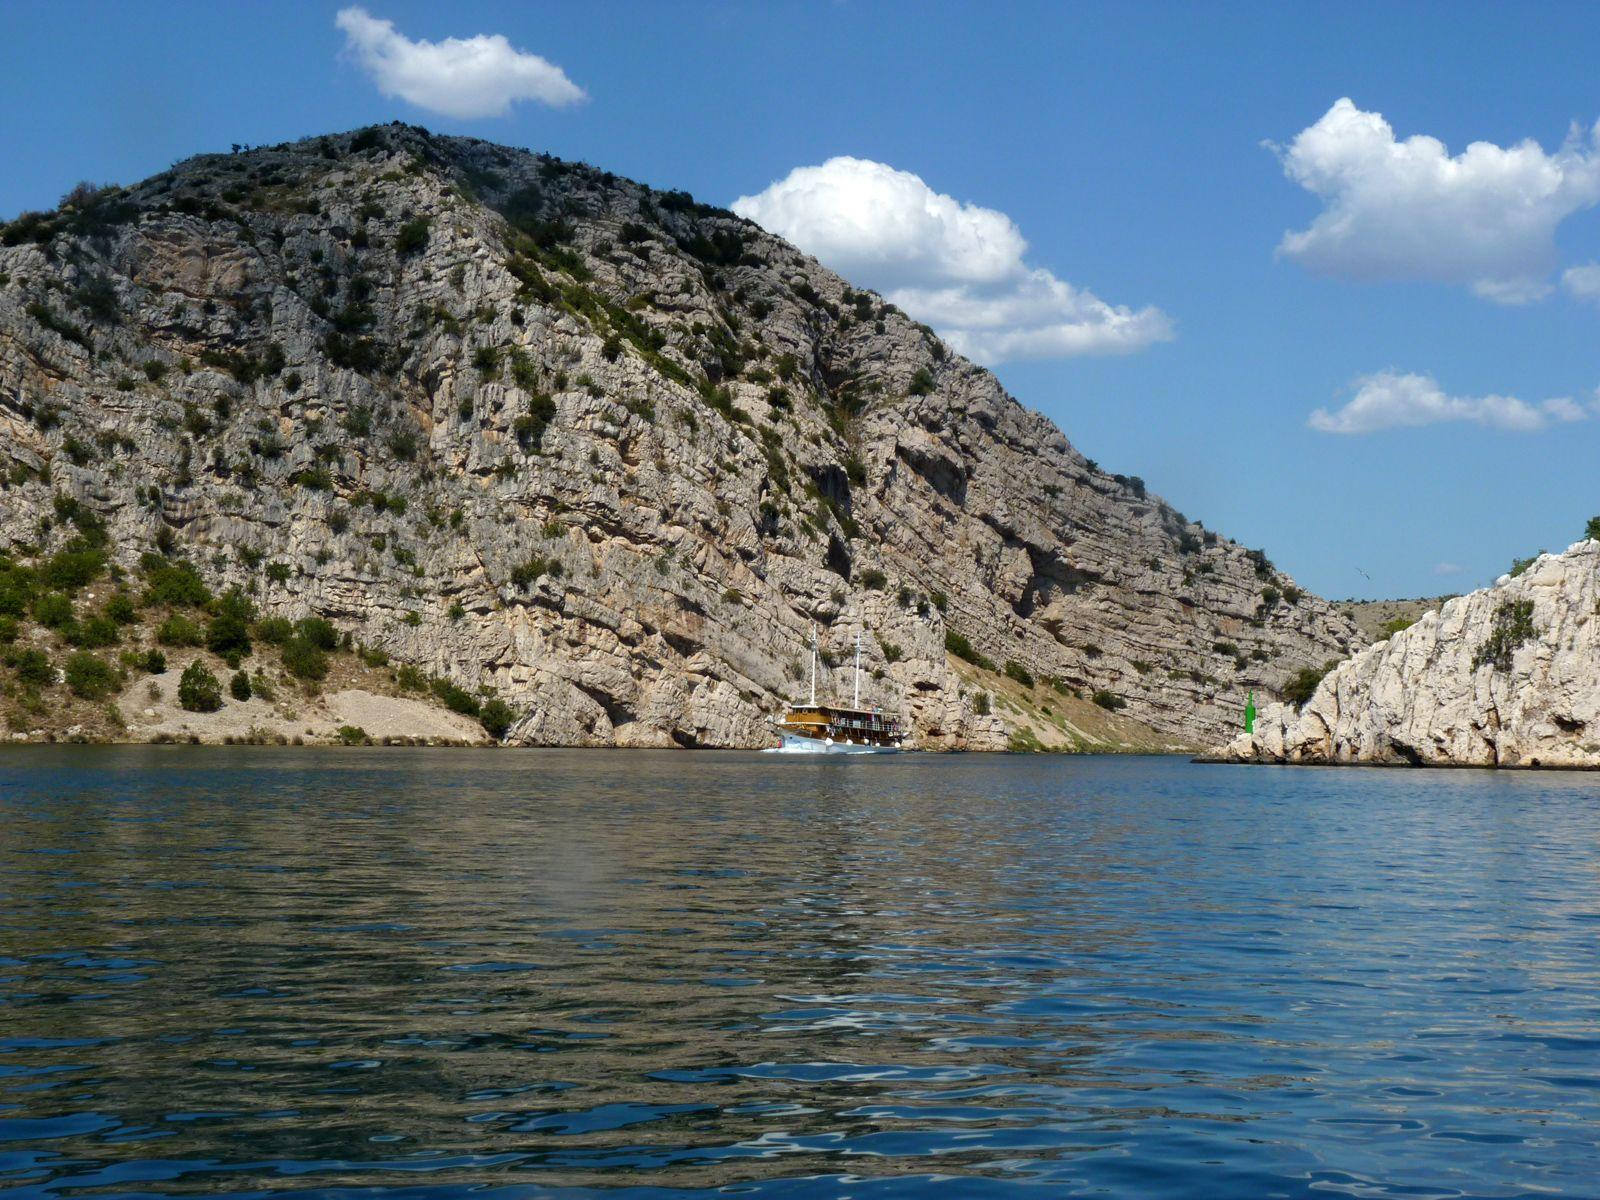 #Ausflugsboot Steilküste #Kroatien aus der Entfernung